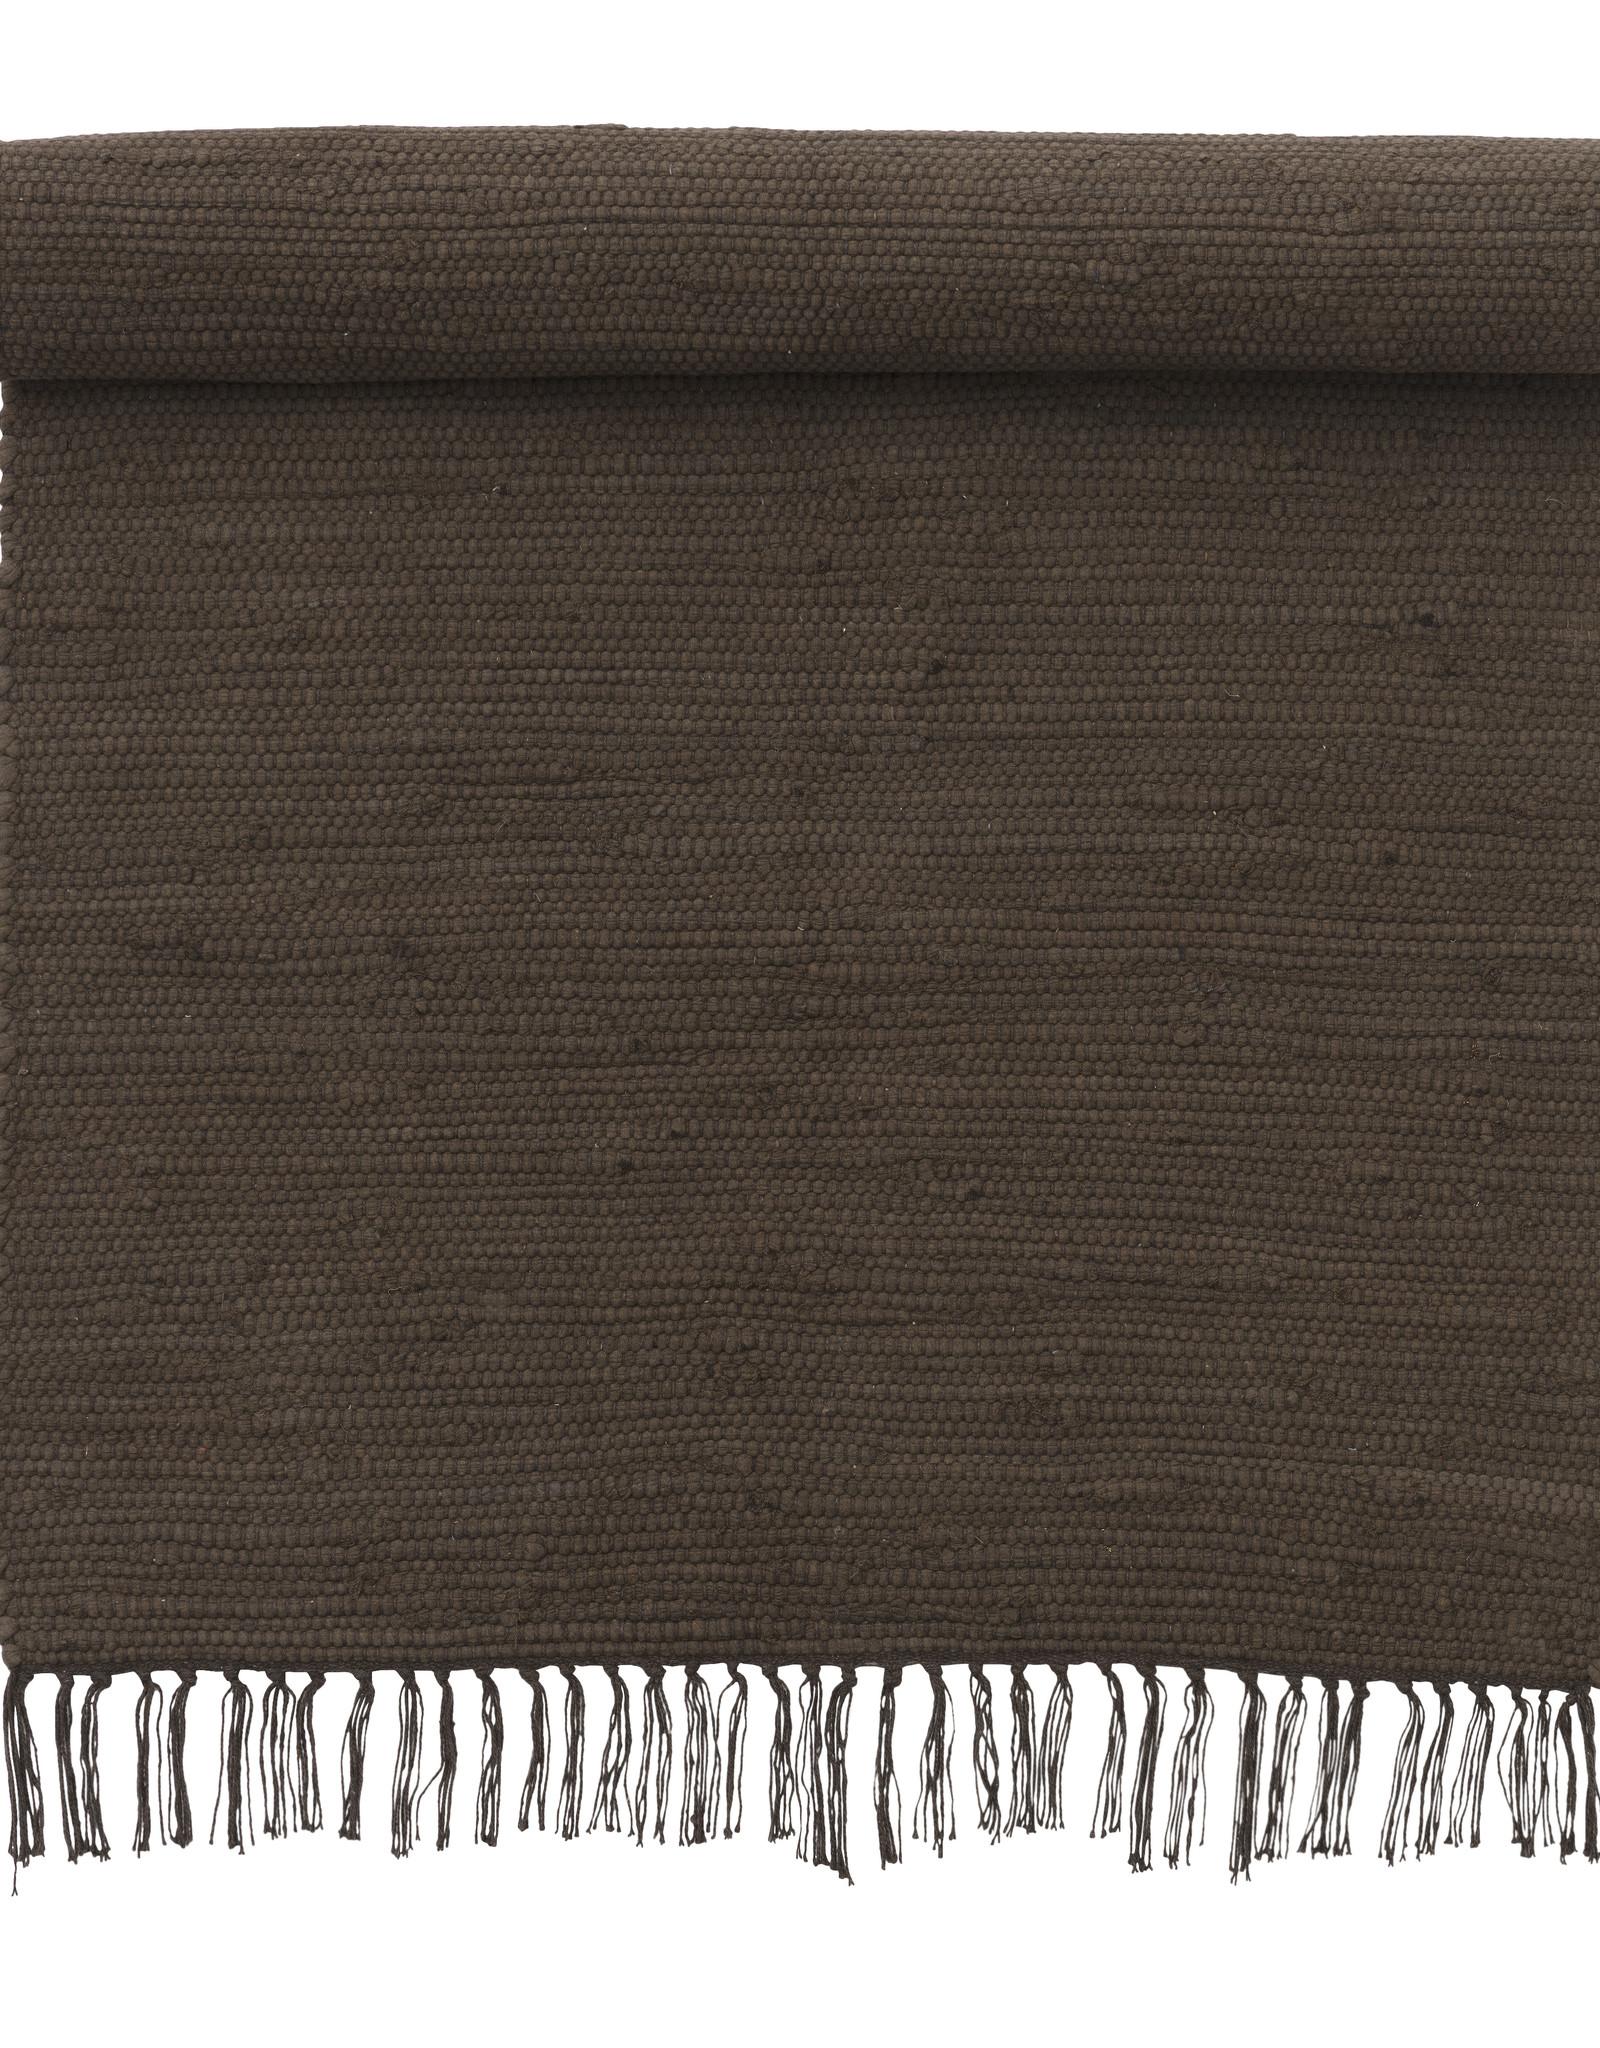 Bungalow Kleed Chindi Mat Chocolate - 70 x 130 cm